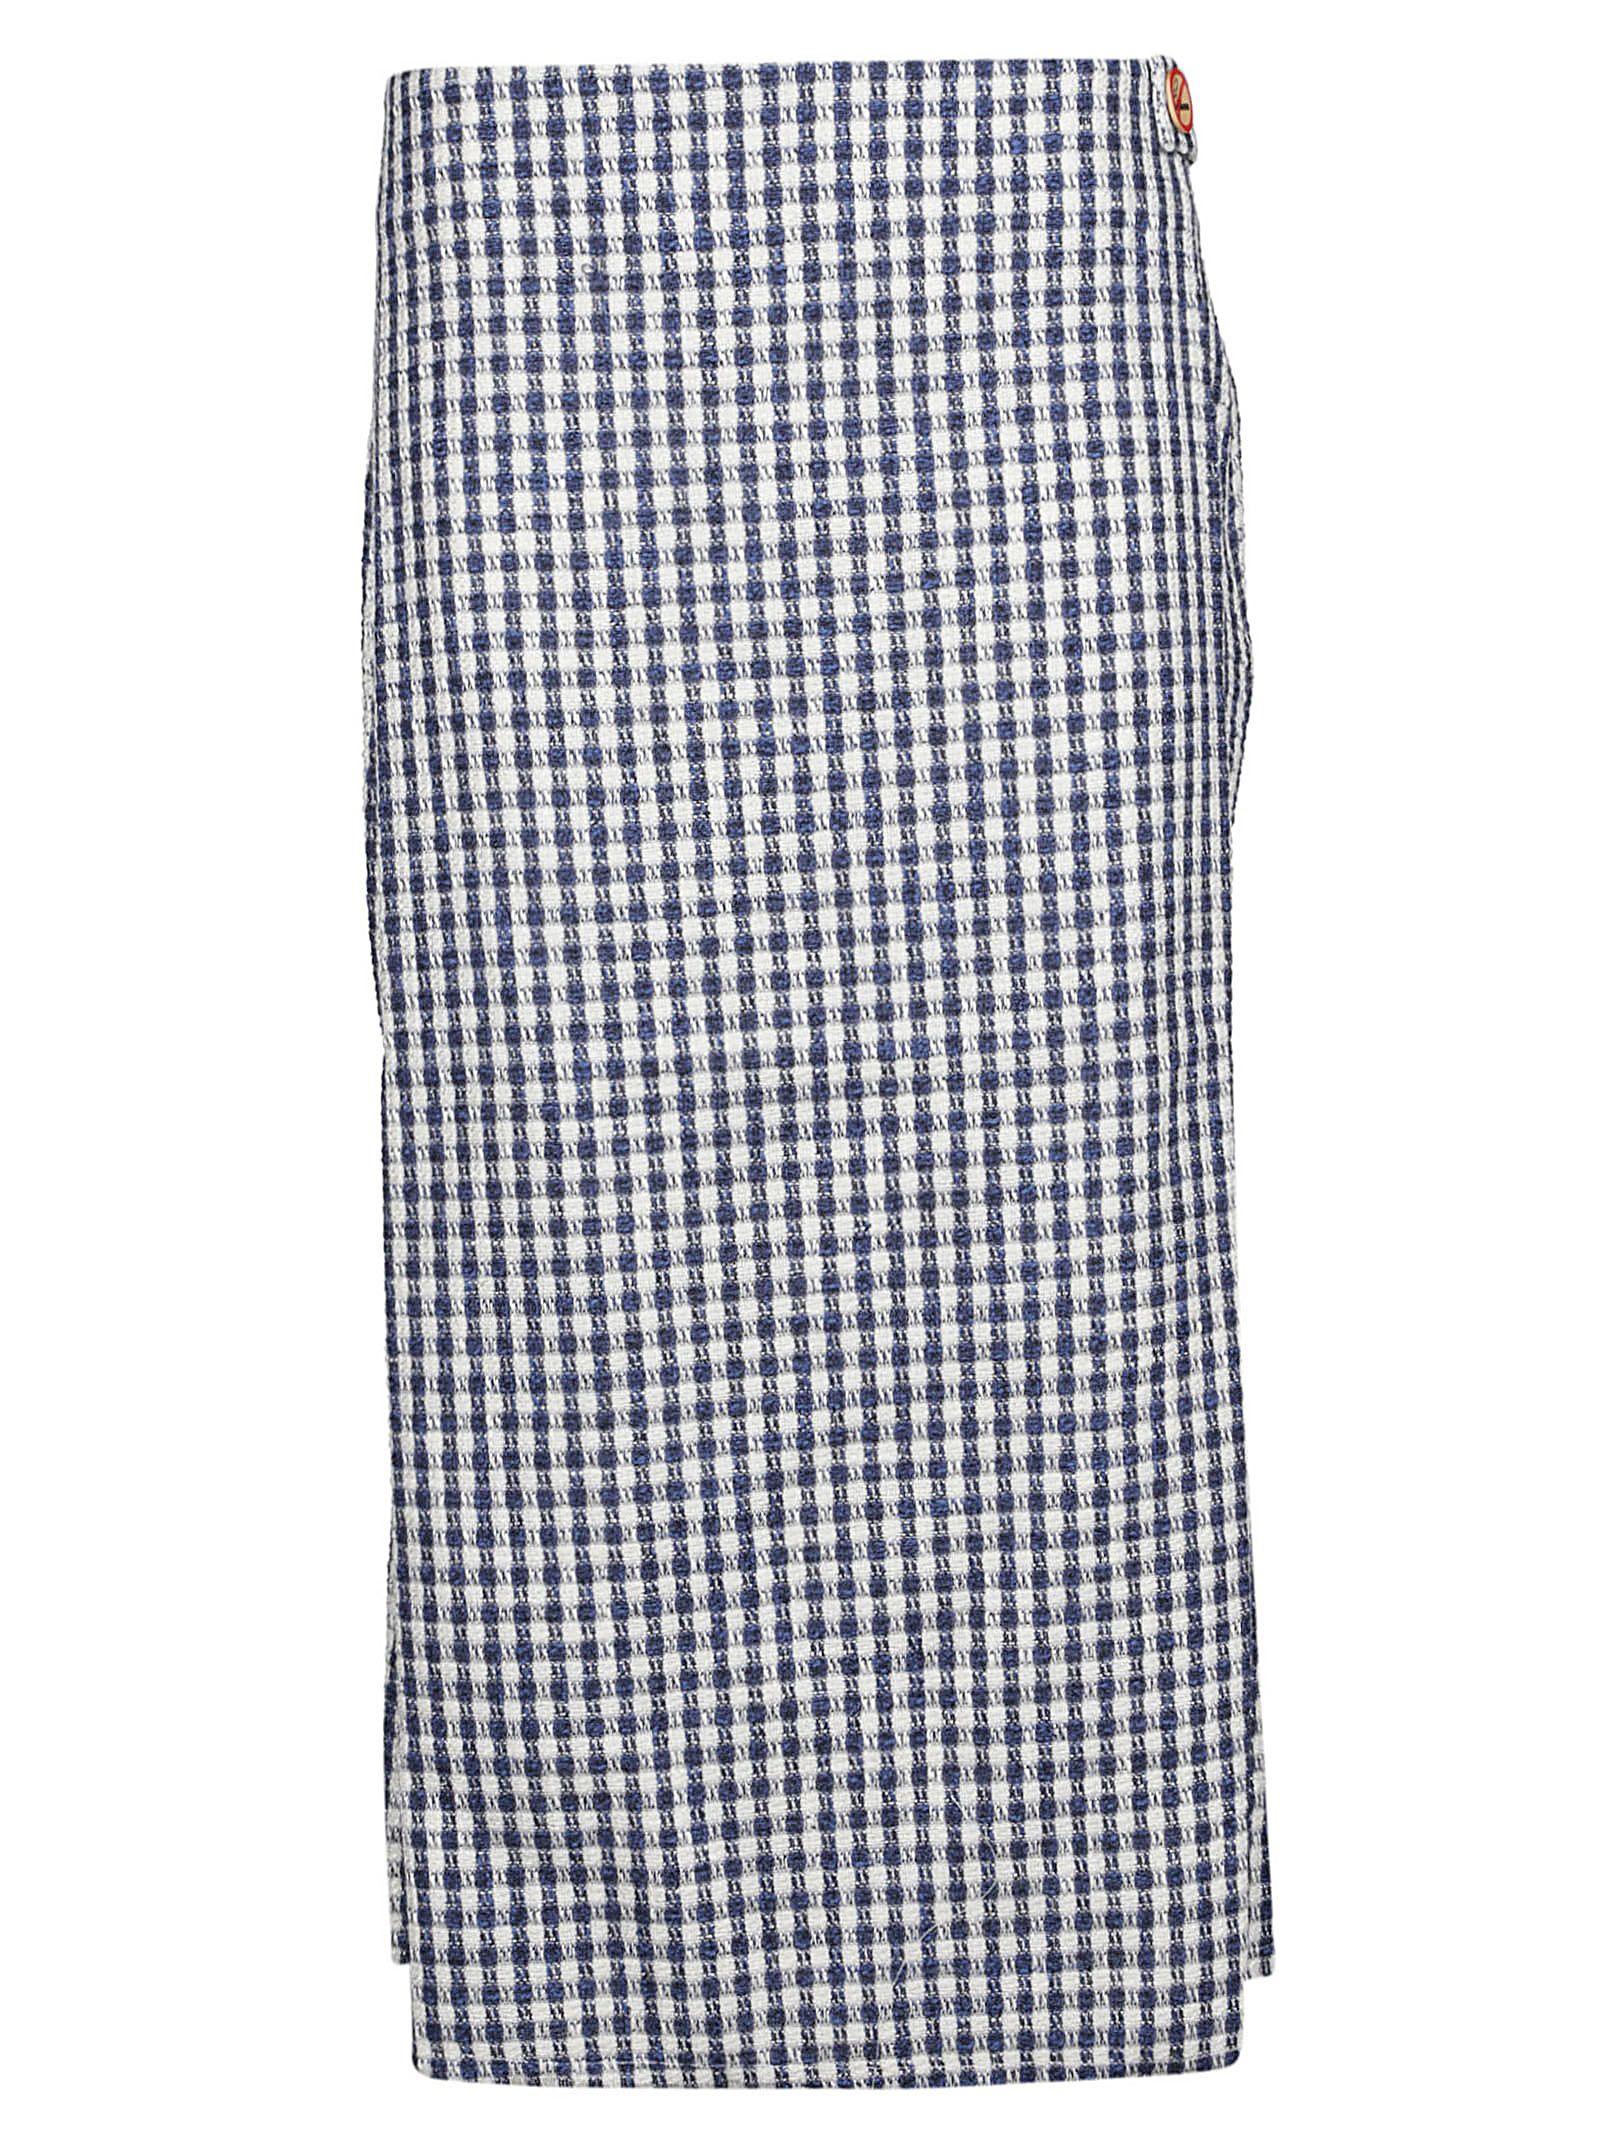 Simon Miller Skirts PLAID PATTERN SKIRT